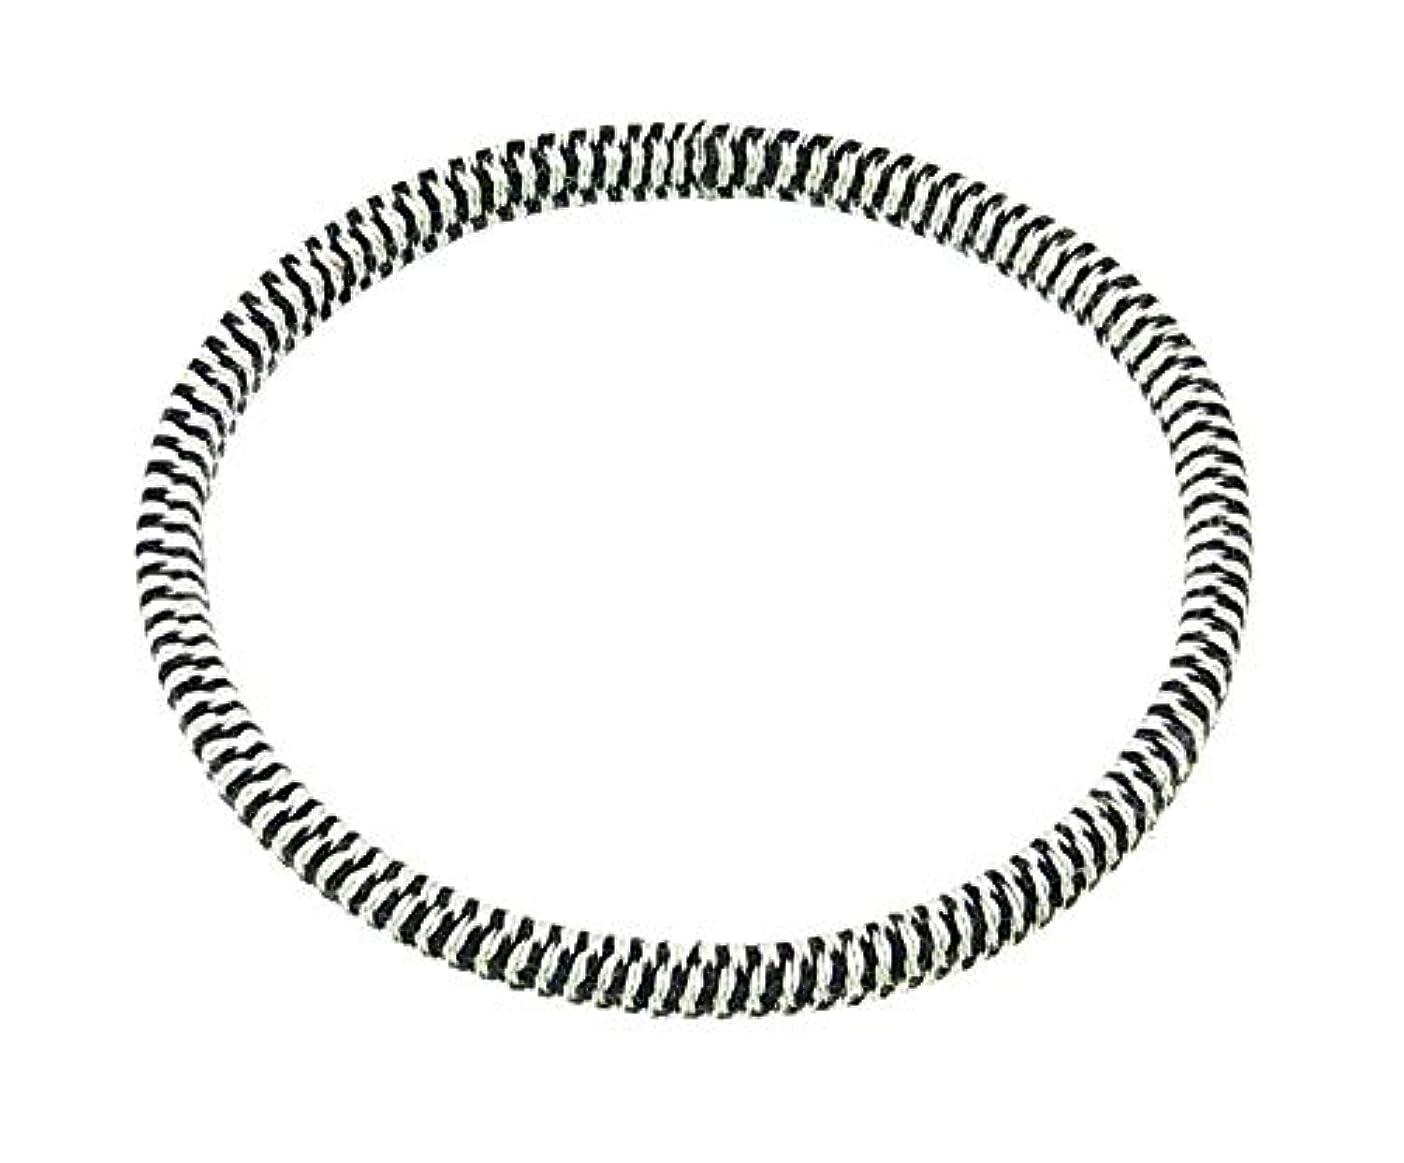 ミニ再生変形5倍 静電気去能ブレスレット 静電気防止ブレスレット 静電気軽減ブレスレット パッチパッチ静電気 子供用静電気去能ブレスレット (16.5cm~17.5cm)